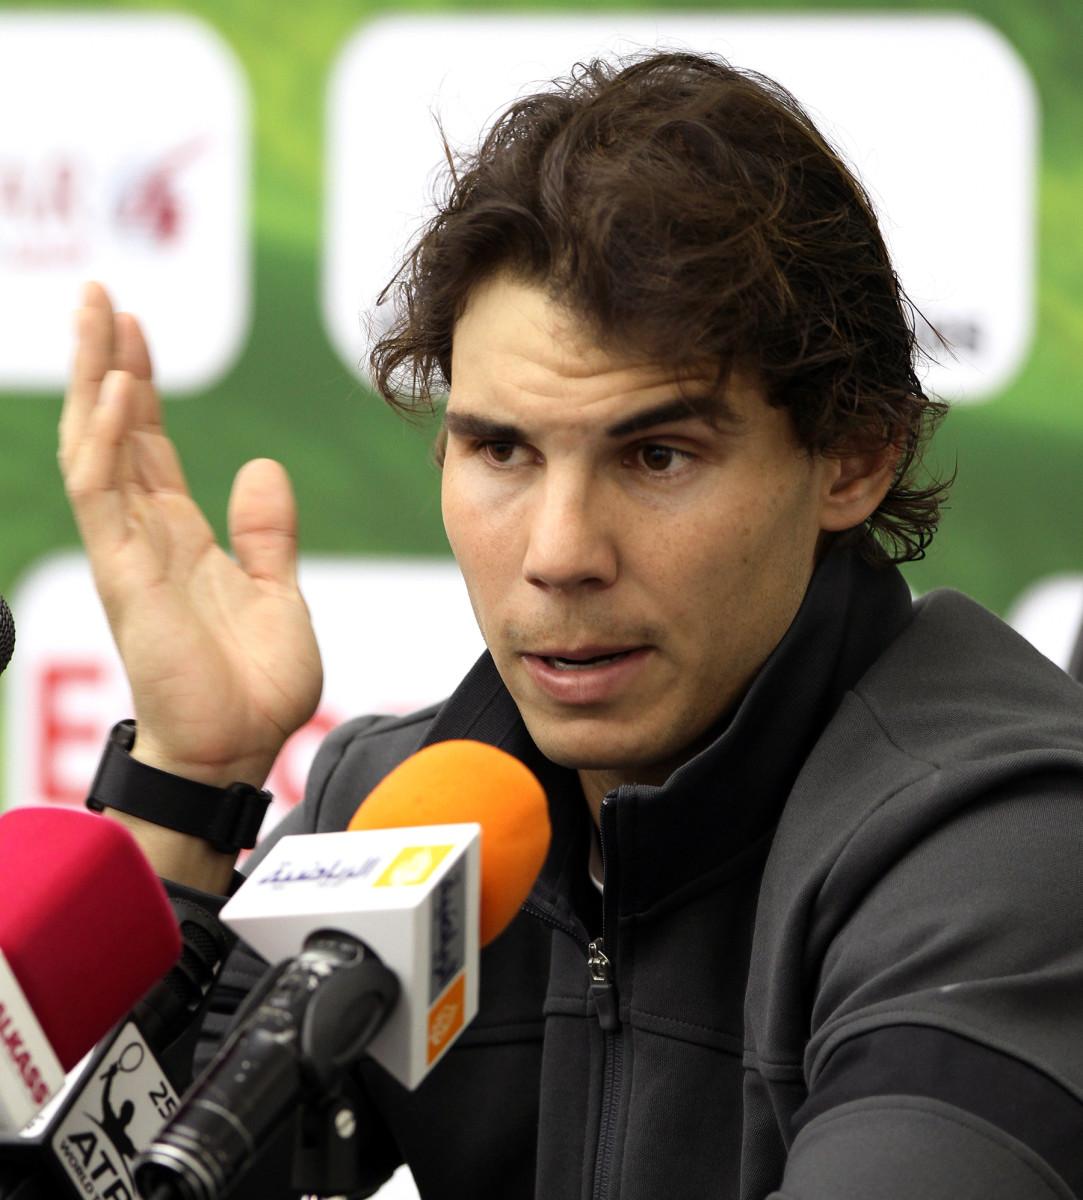 Rafa Nadal at a press conference in Doha